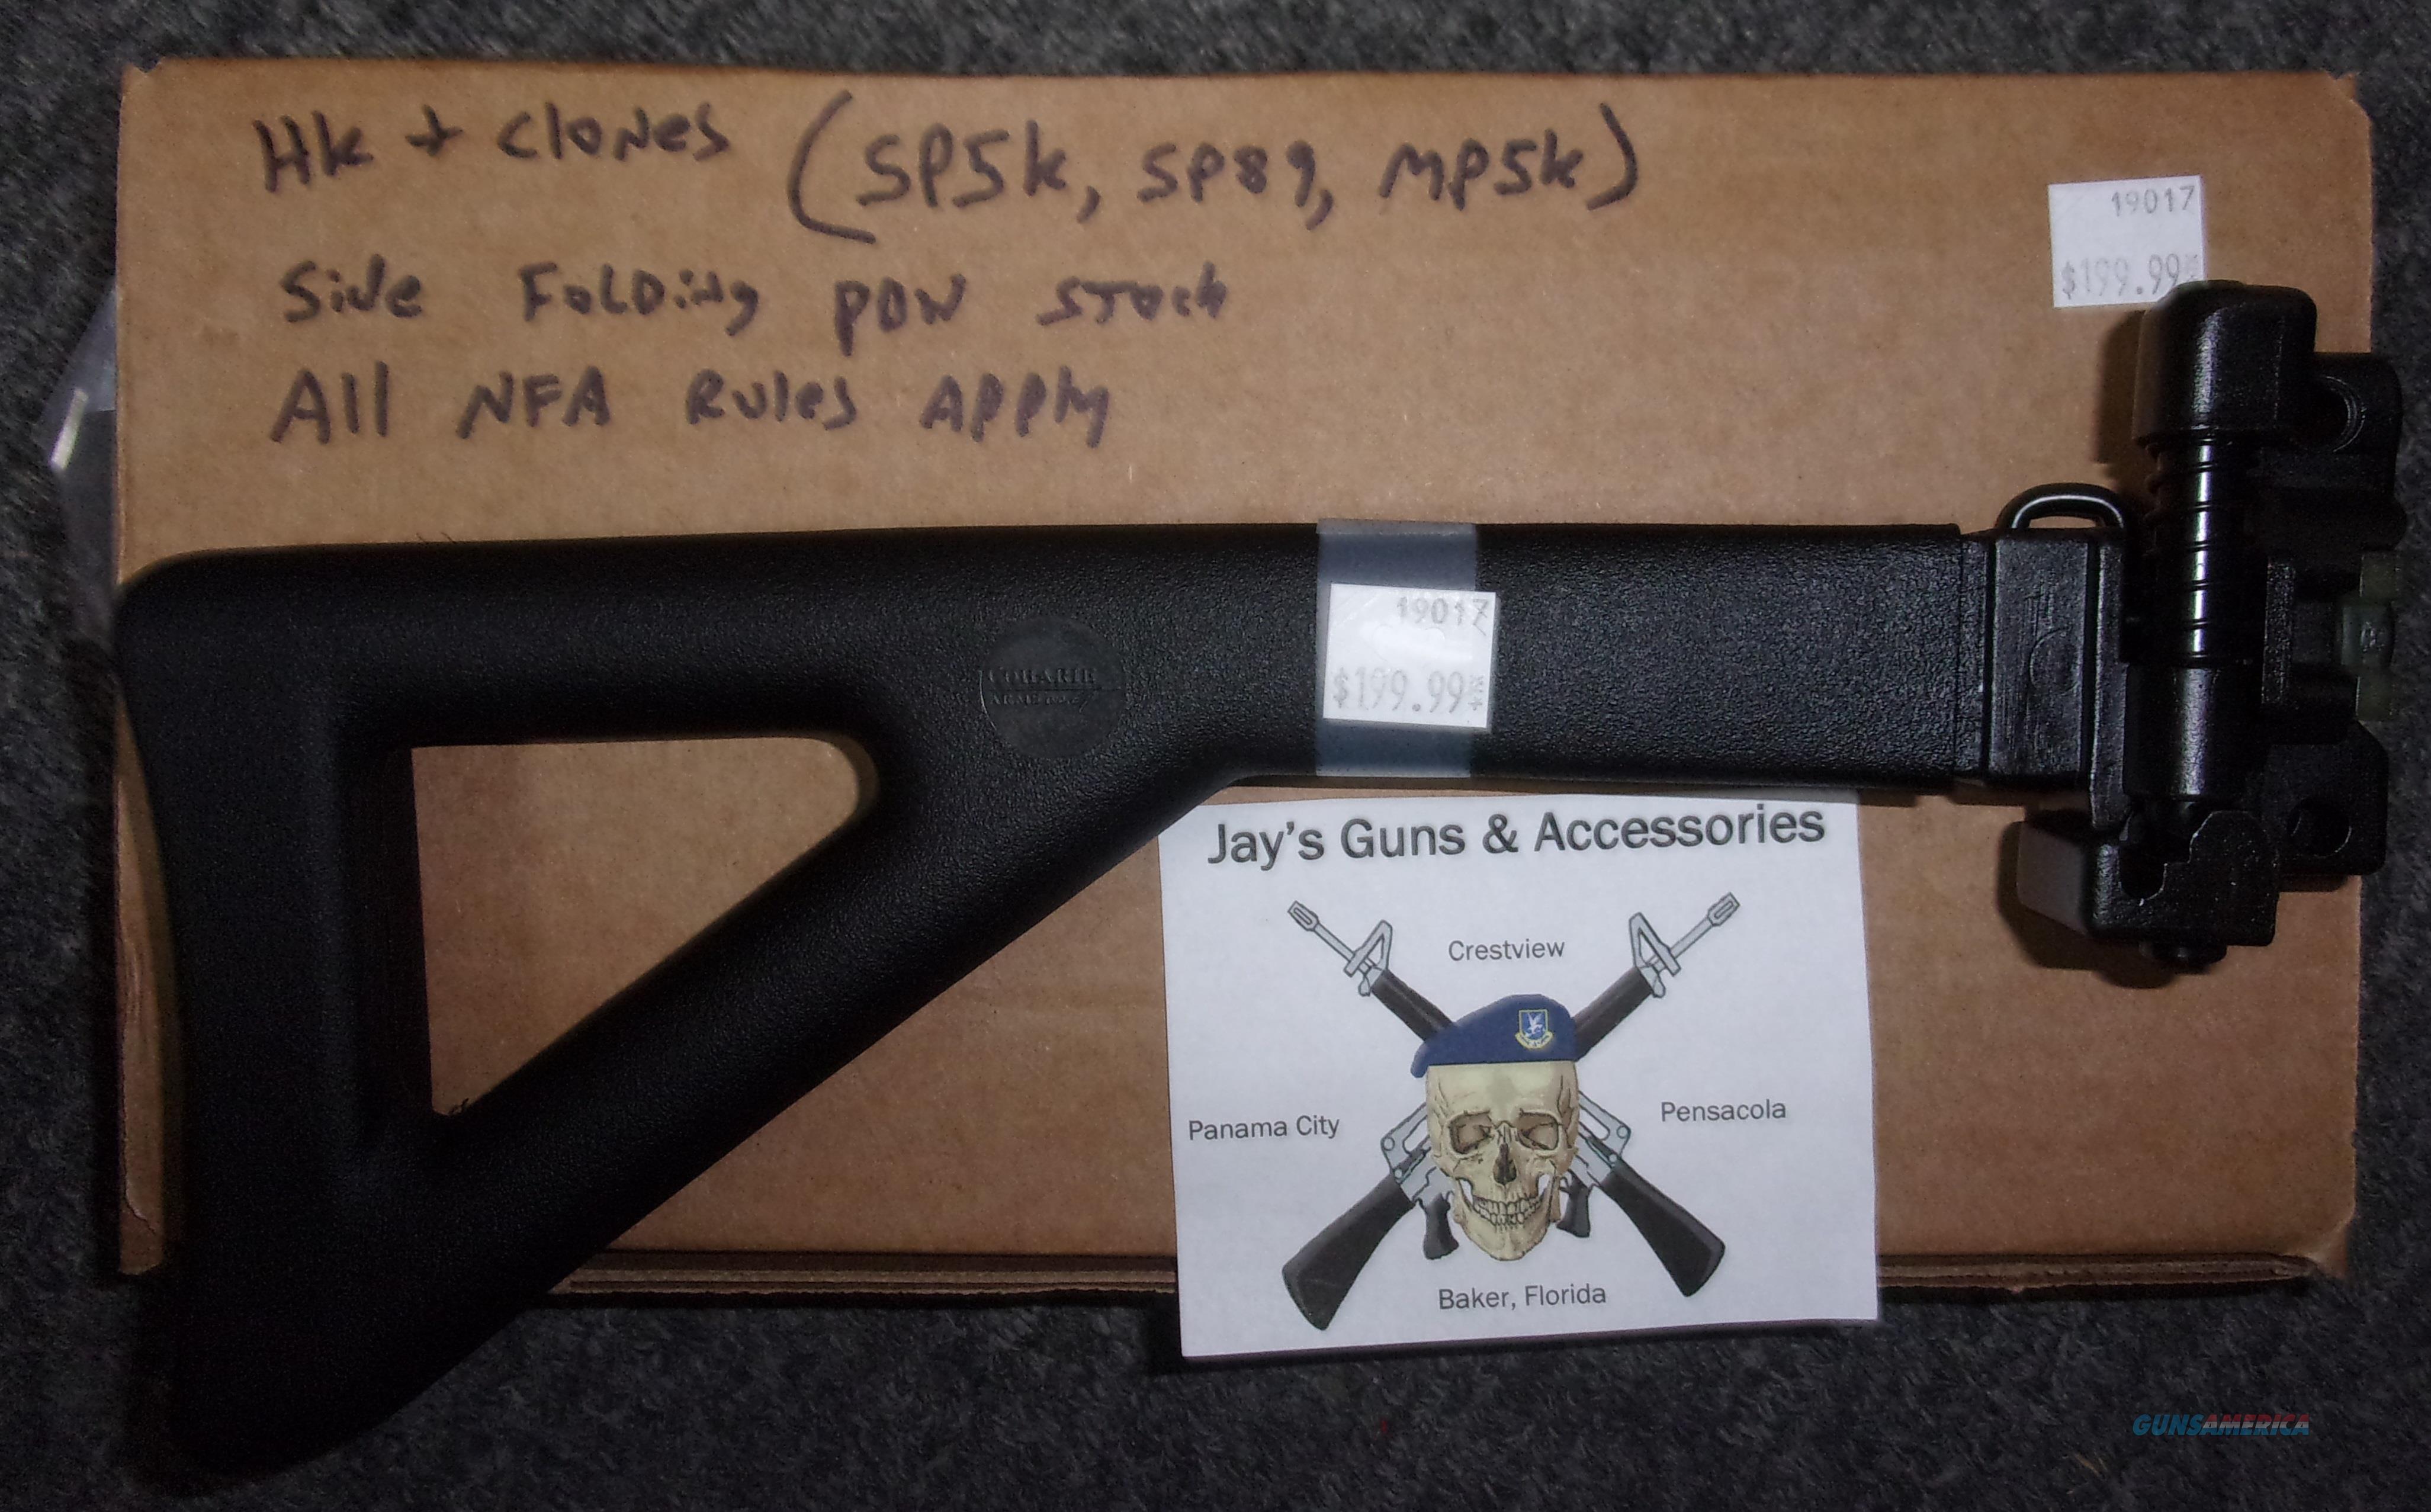 HK & Clones Side Folding PDW Stock  Non-Guns > Gunstocks, Grips & Wood